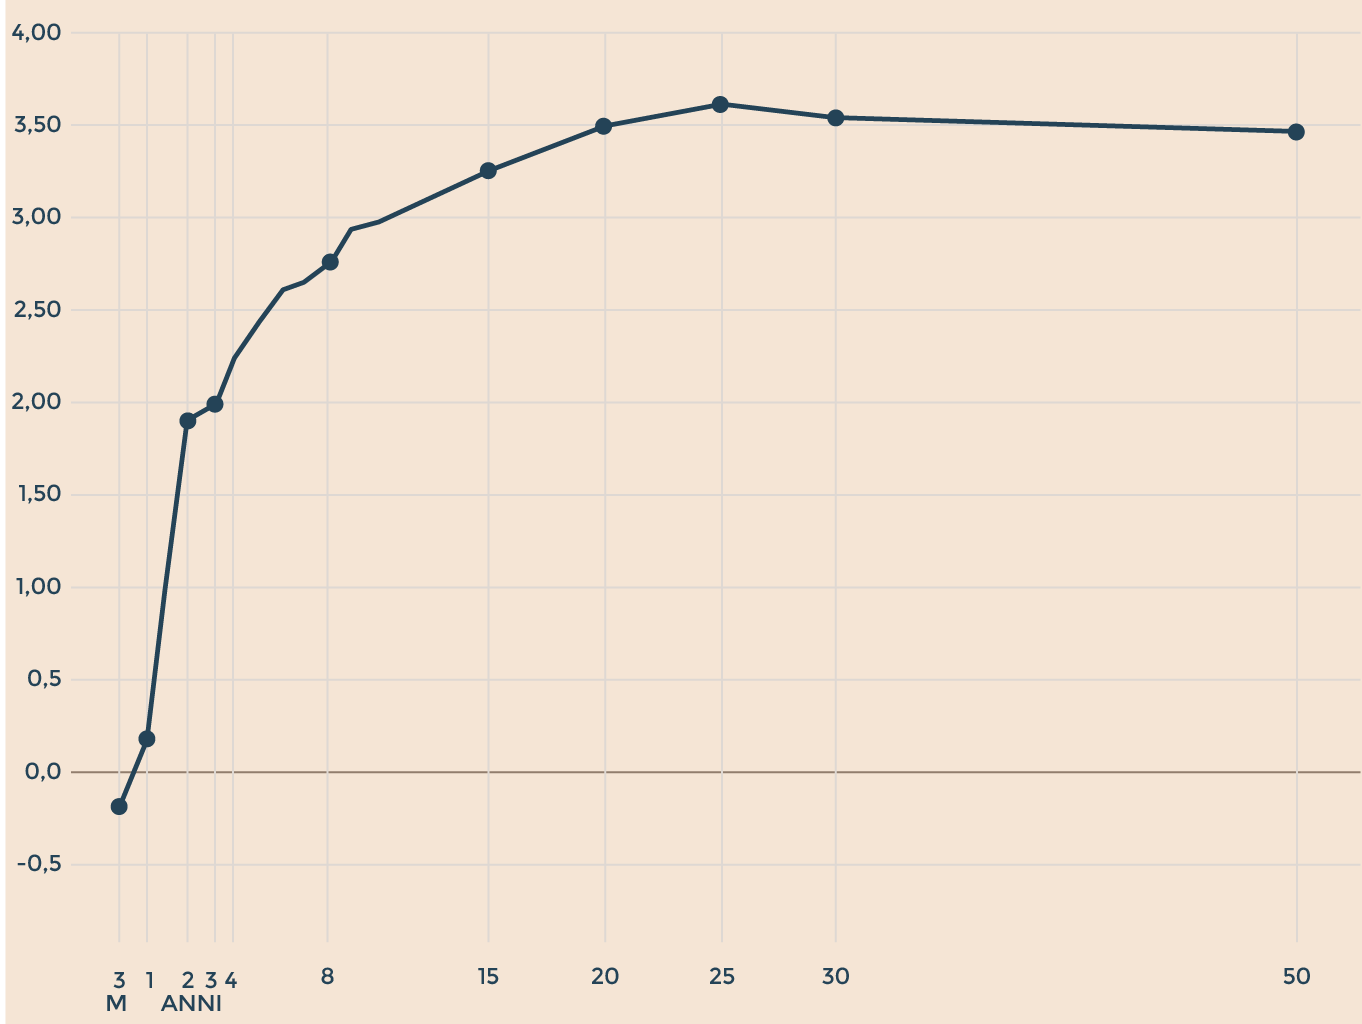 8bc393e502 Altro che spread! Per monitorare la crisi guardate la curva dei ...